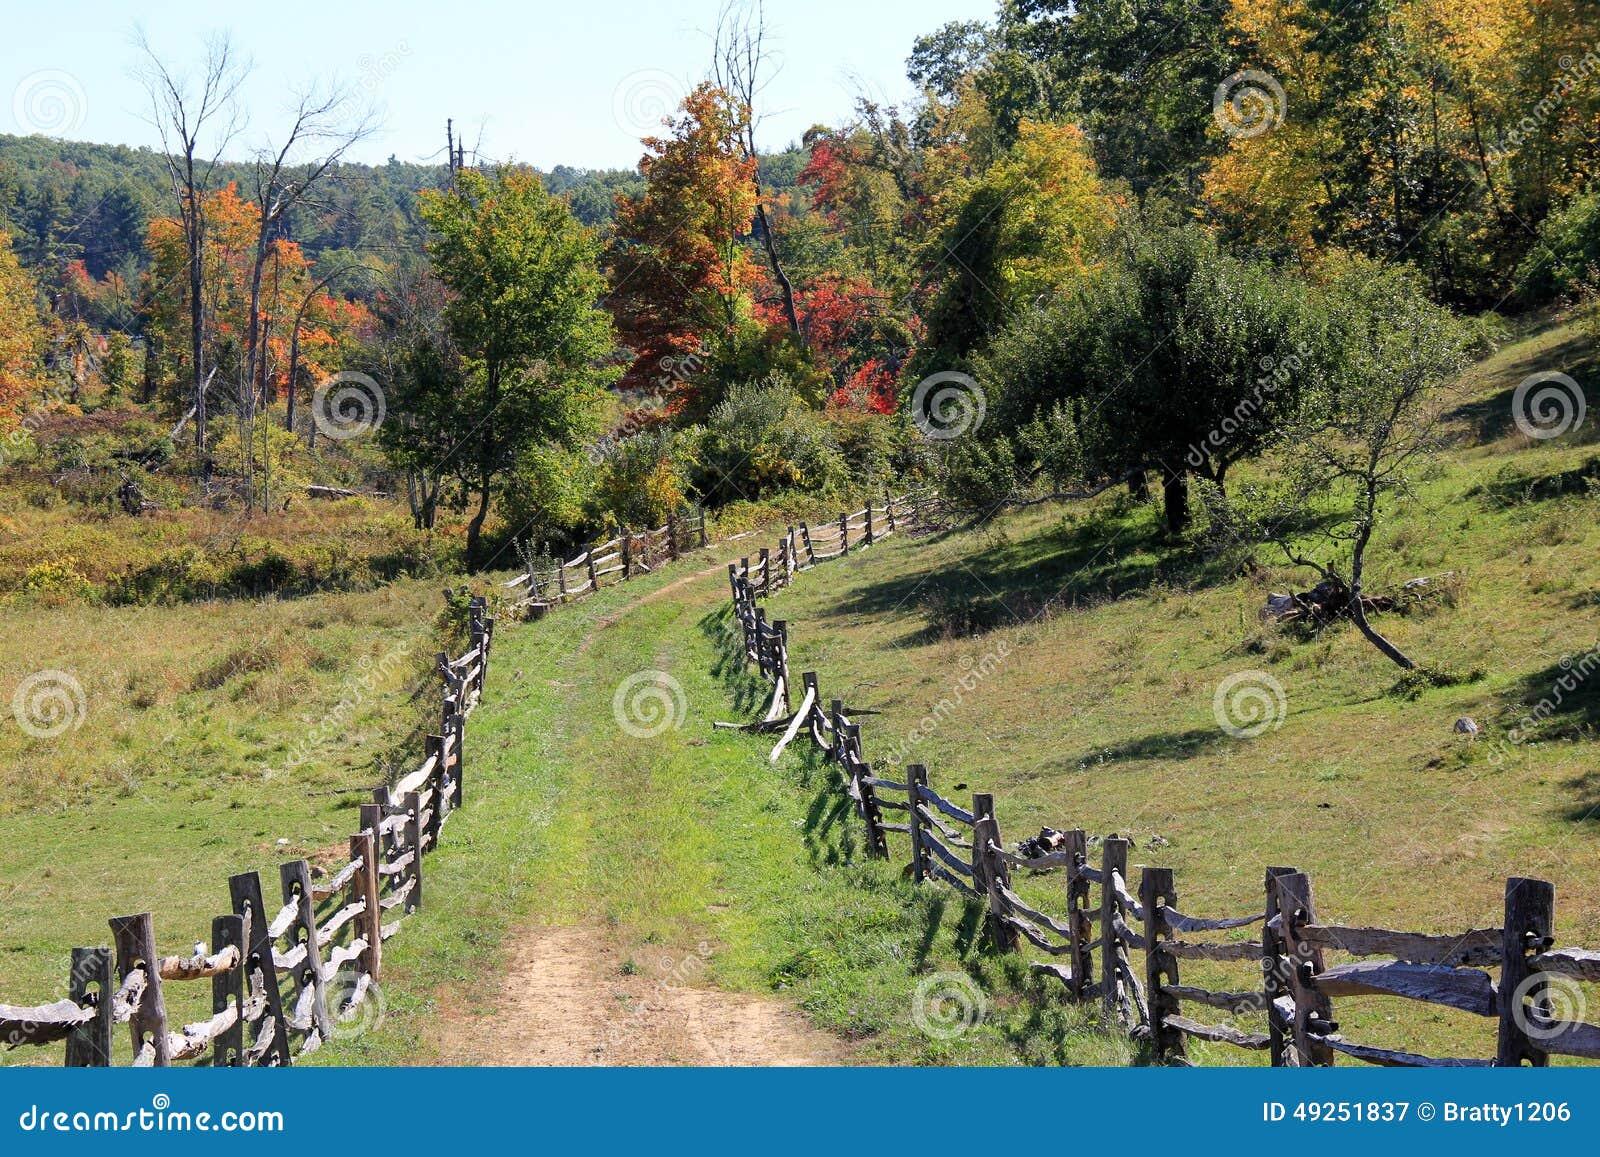 Vieille cl ture rustique rayant une voie herbeuse dans les bois photo stock image 49251837 - Cloture de jardin rustique ...